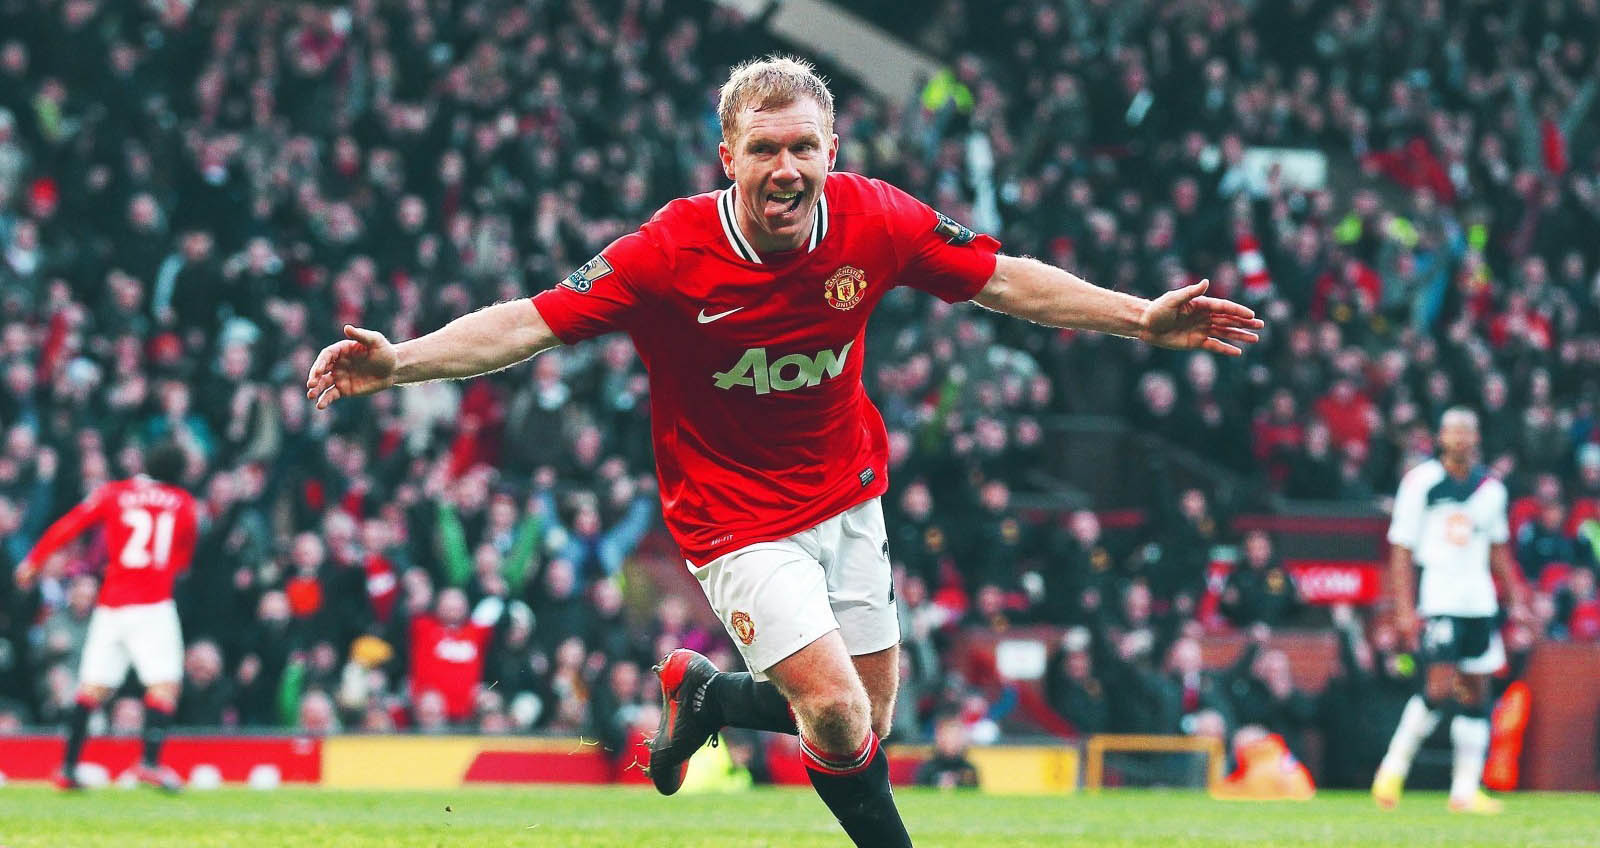 MU, manchester united, haaland, paul scholes, chuyển nhượng, erling haaland, bóng đá, trực tiếp bóng đá